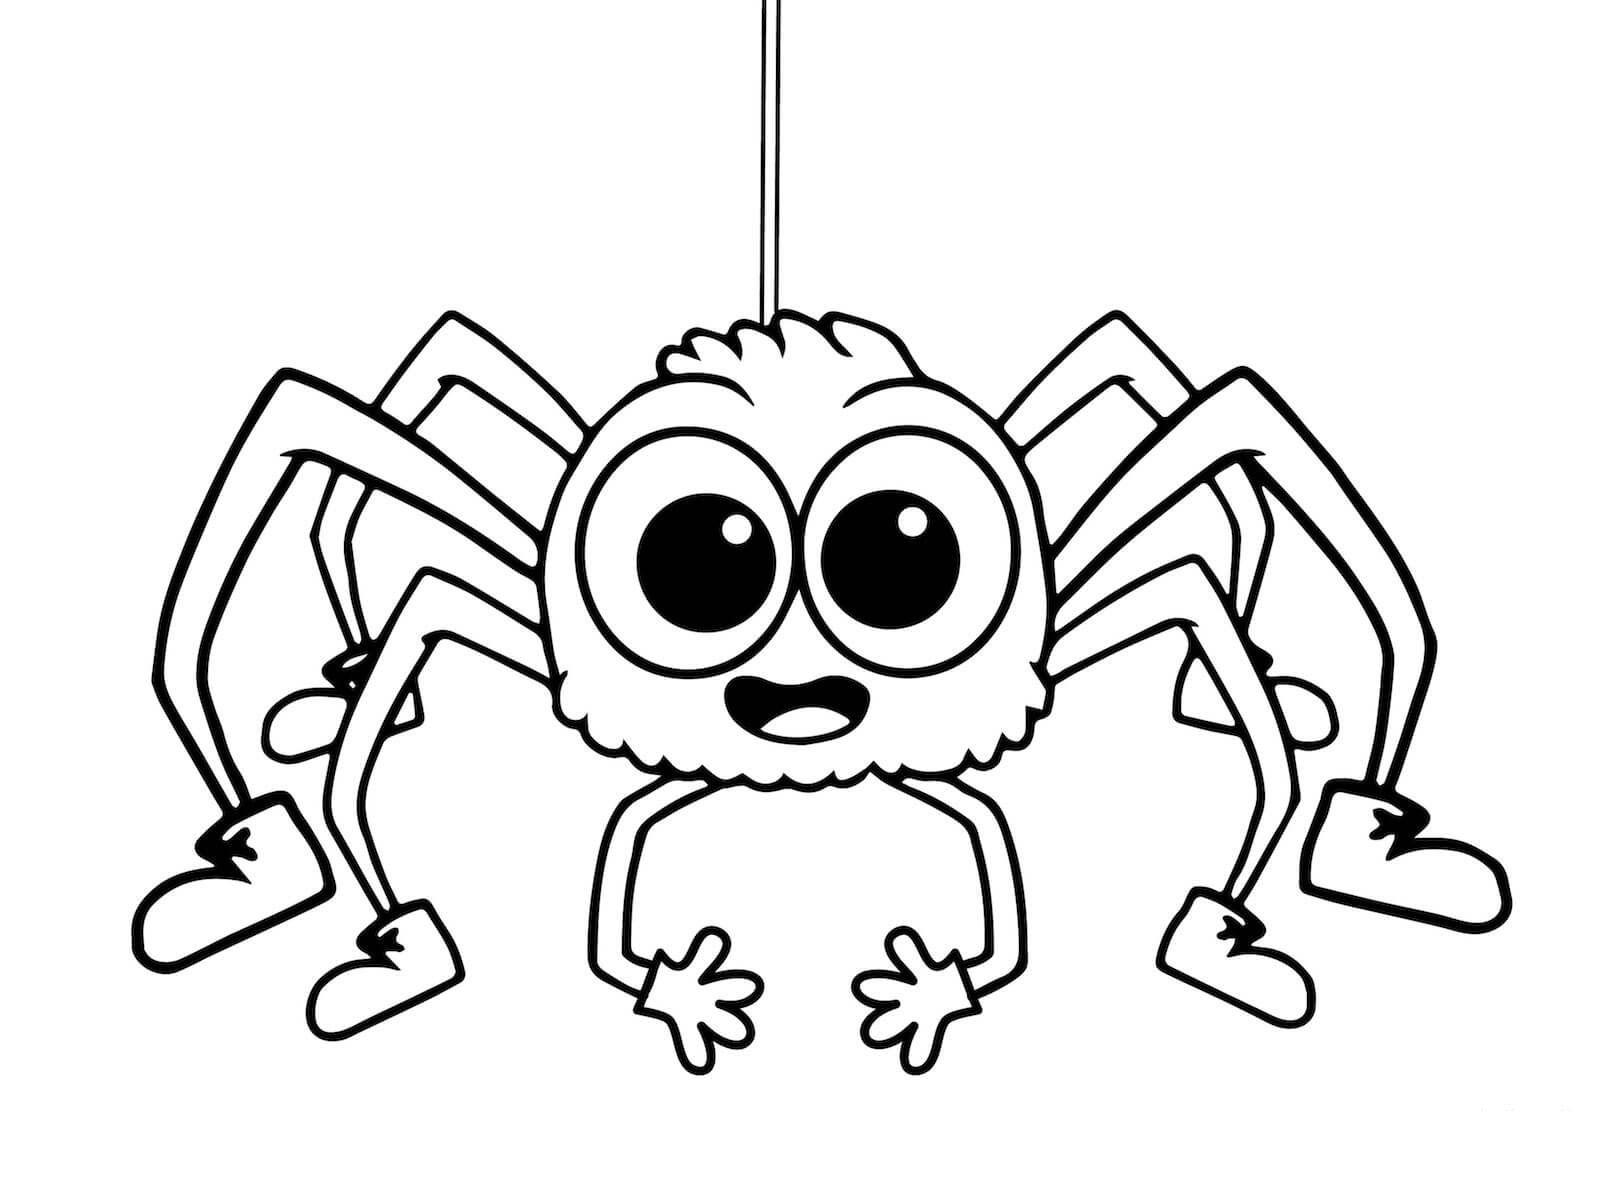 Pin By Digi Juf Mj On Herfst Spinnen Kleurplaten